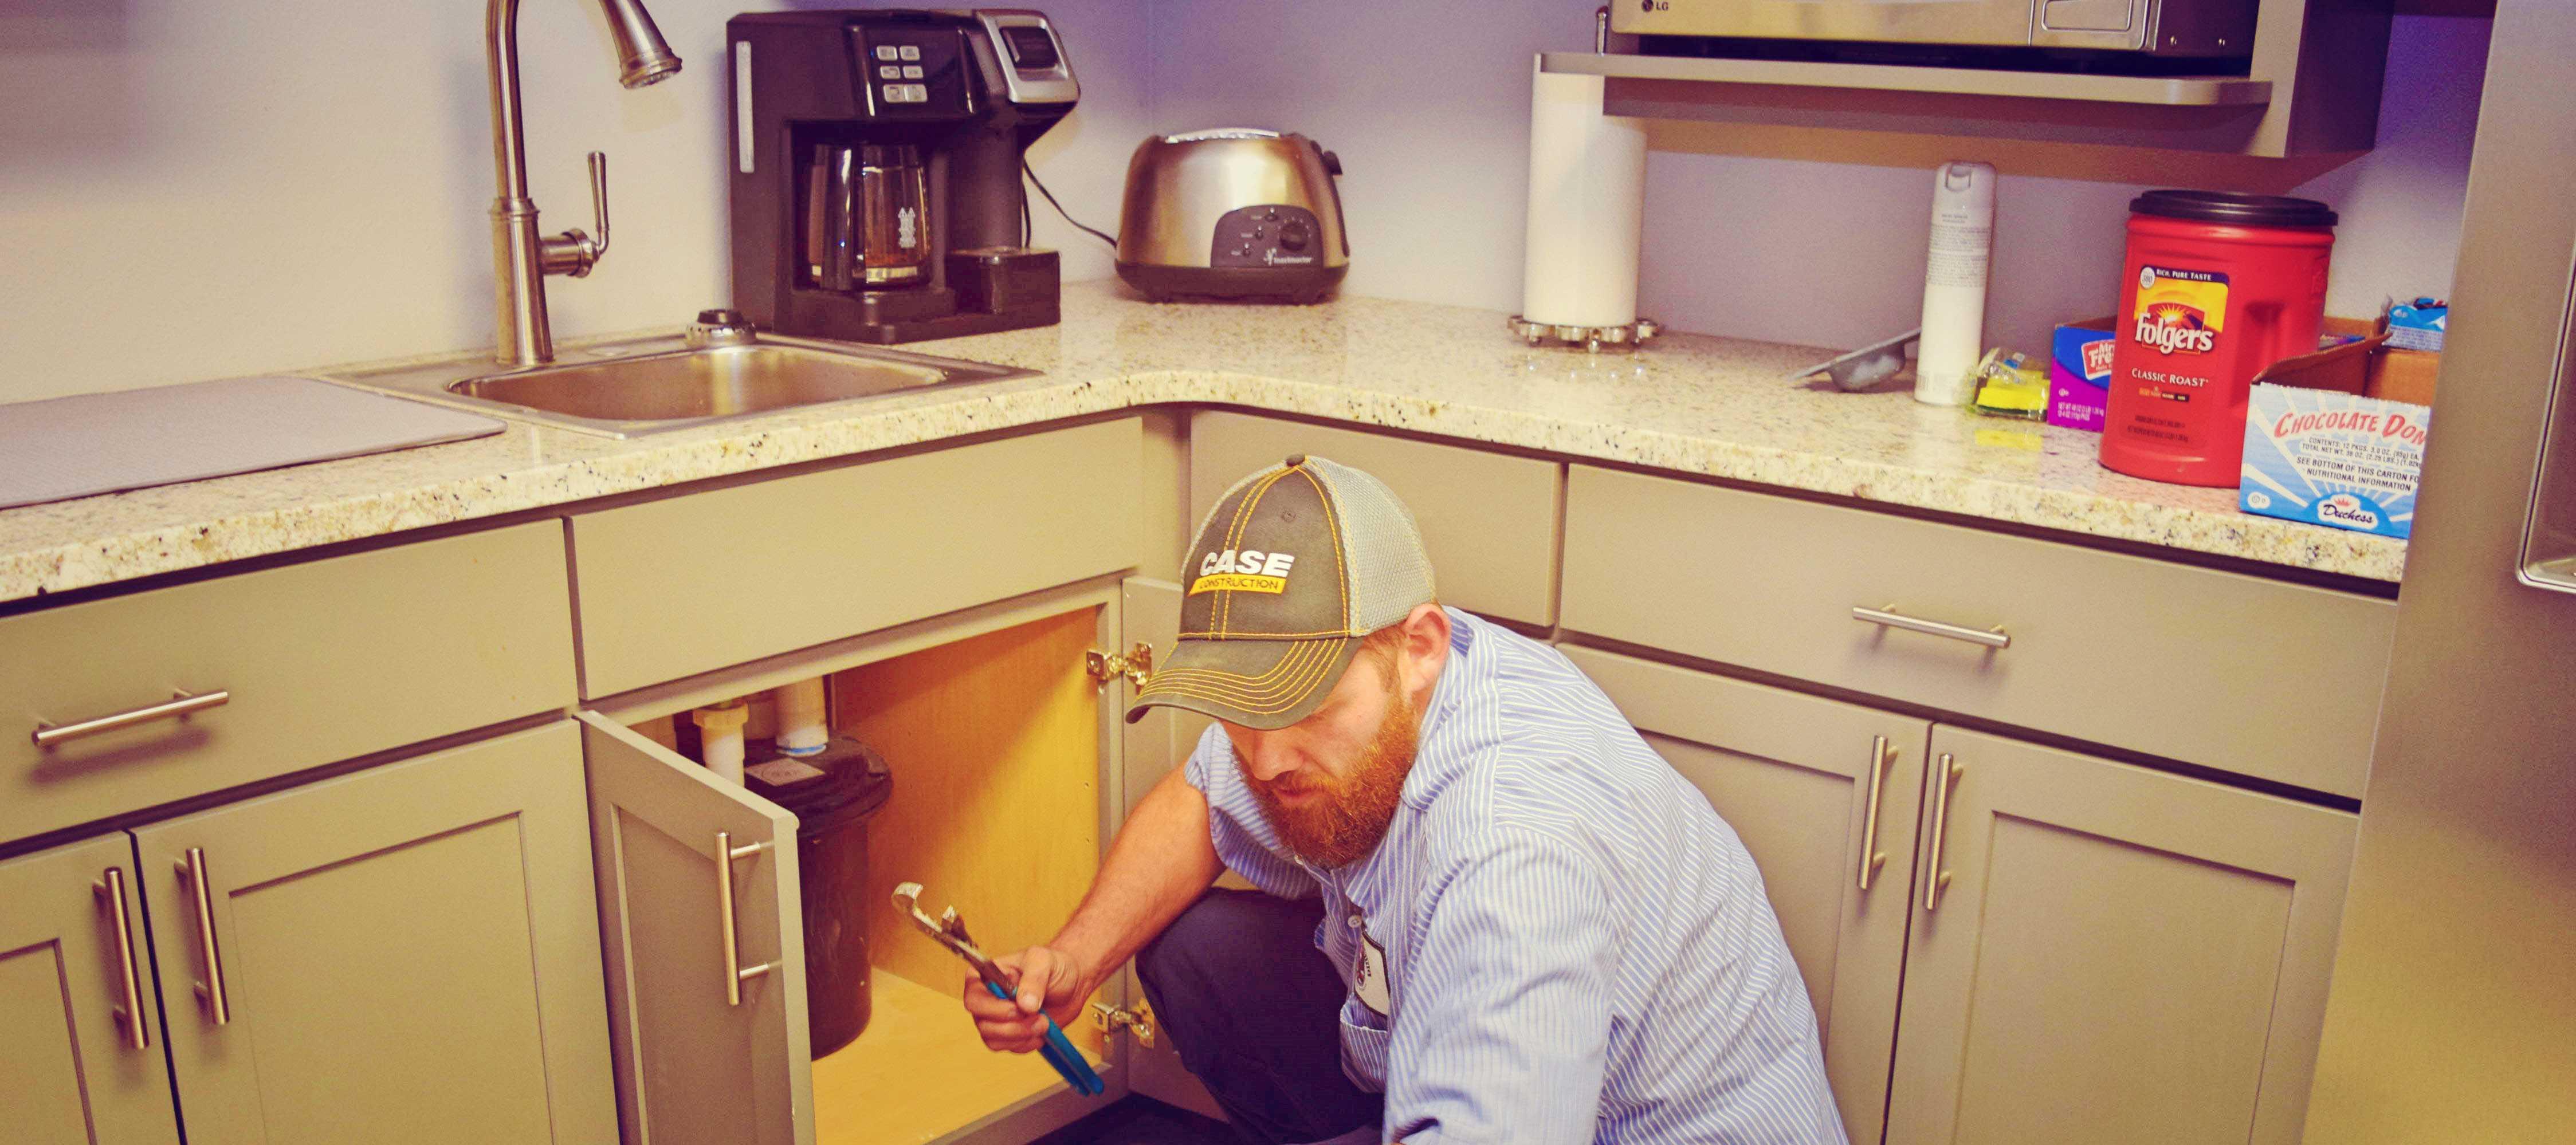 Faucet Repair - Leaky Faucet in Springfield Missouri